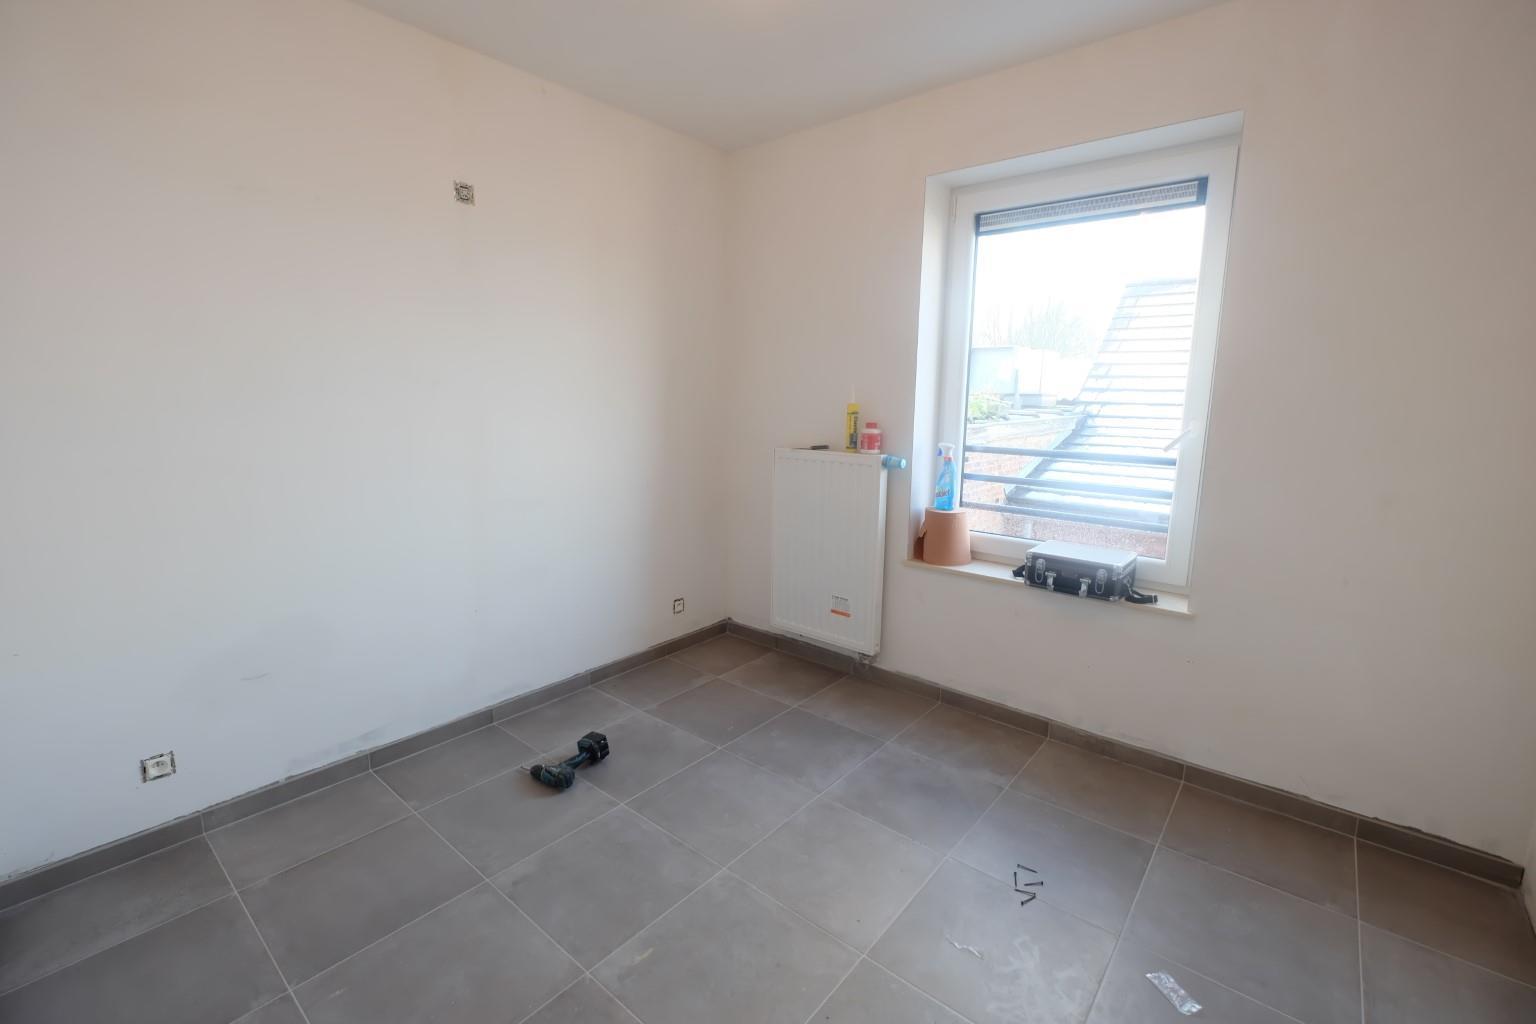 Appartement - Braine-le-Comte - #3249013-4